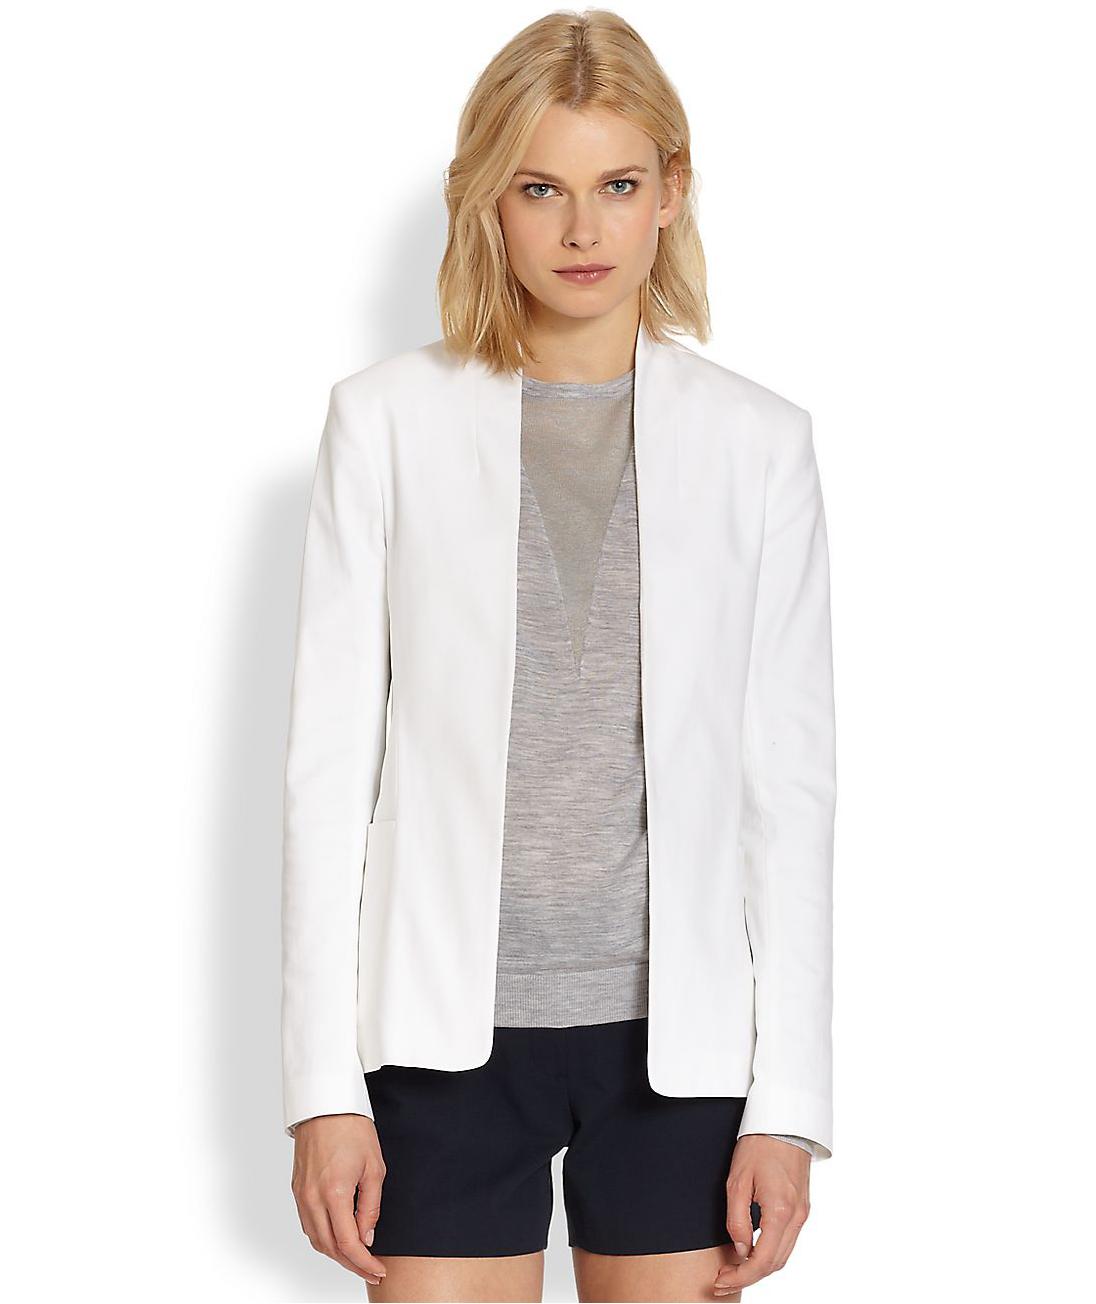 Theory Kacela White Checklist Stretch Cotton Blazer ($277, originally $395)